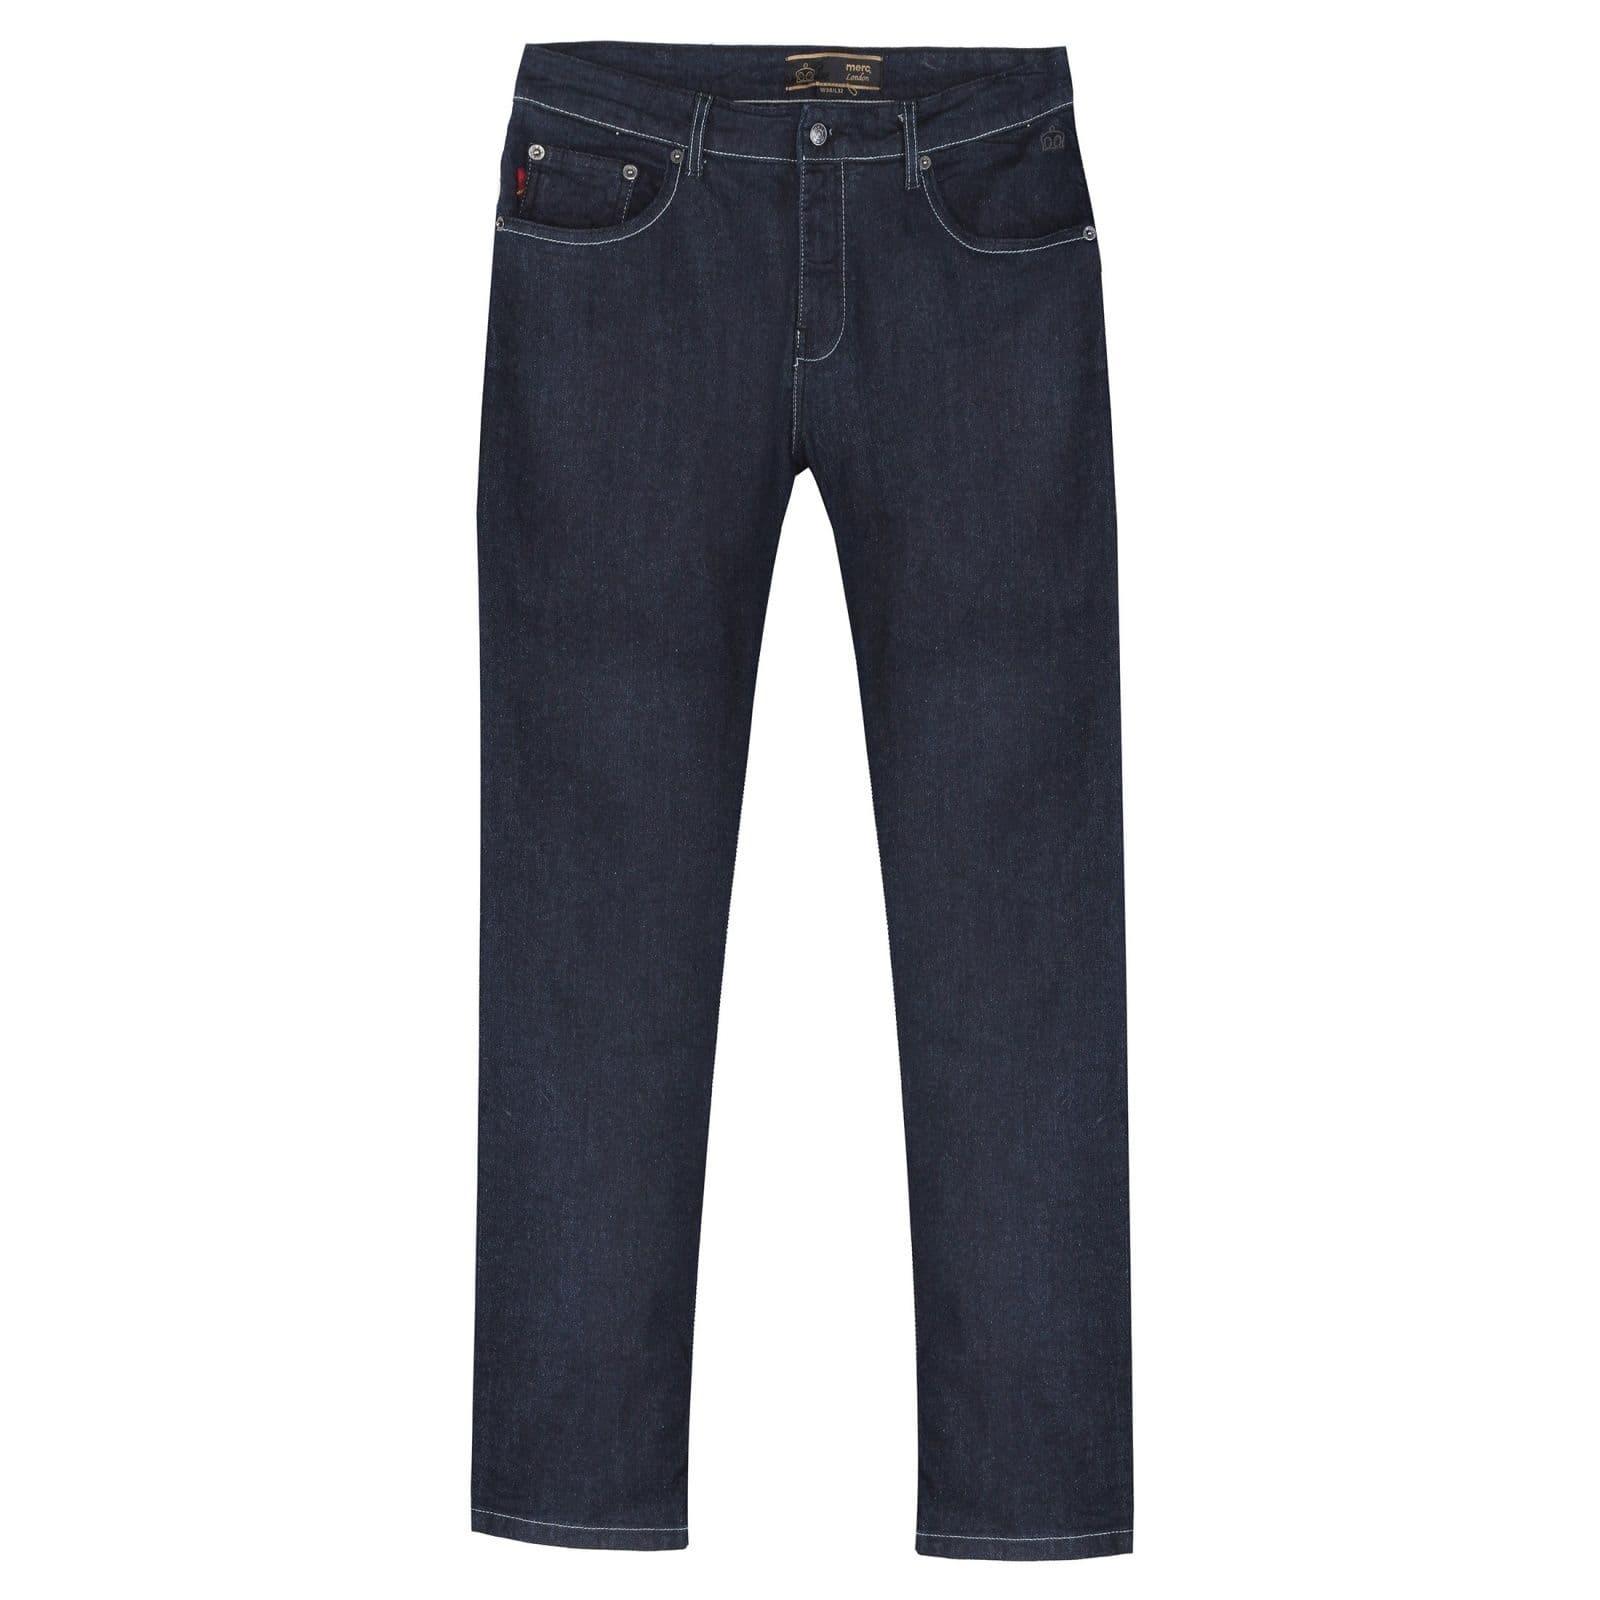 Джинсы AshvilleБрюки и шорты<br>Классические, умеренно зауженного фасона, мужские кэжуальные джинсы на стандартной талии, произведенные из прочного и легкого денима. Основным декоративным элементом данной модели является контрастная белая прострочка, красиво выделяющаяся на благородной черновато-синей основе. Брендовая составляющая подчеркнута узнаваемой тартановой отделкой карманов и внутренних швов, продолжающейся снаружи в виде ярлычка на пятом кармане, кожаным патчем с тиснением традиционного логотипа Merc, а также фирменной эмблемой Корона, вышитой над левым карманом спереди. Универсальная плотность материала позволяет носить эти практичные джинсы значительную часть календарного года. Они хорошо впишутся в офисный дресс-код в сочетании с casual пиджаком, строгой рубашкой, однотонным трикотажем и формальной обувью, такой как броги, челси или дерби, и в то же время будут весьма органично смотреться в комбинации с рубашкой поло, Харрингтоном, свитшотом, футболкой, кедами или кроссовками. Стирать при температуре 30-40 °C.<br><br>Артикул: 1D169101<br>Материал: None<br>Цвет: черновато-синий<br>Пол: Мужской